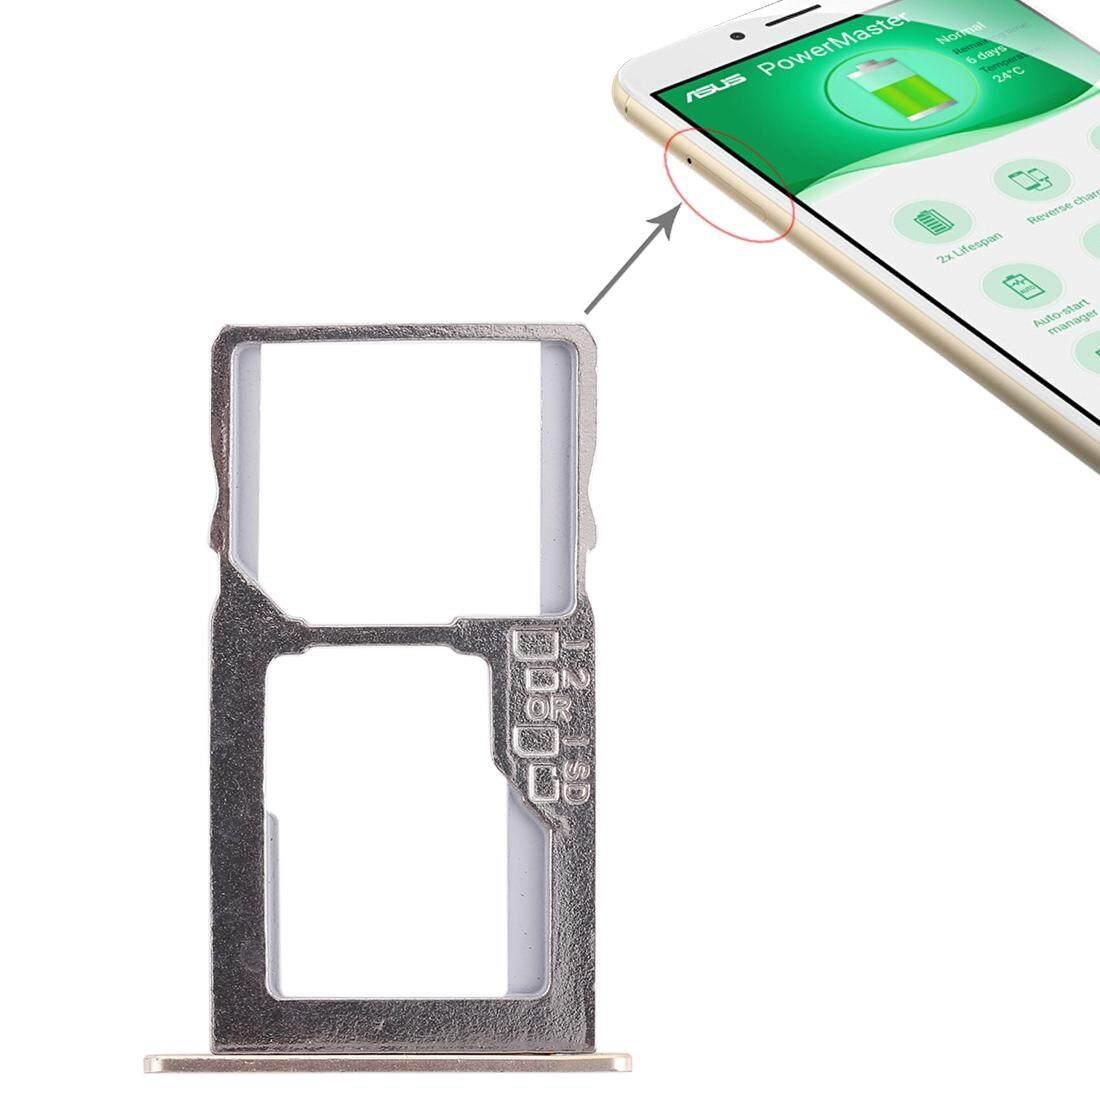 Kartu SIM + Micro Tray SD Card untuk Asus ZenFone 3 Max ZC553KL (Emas)